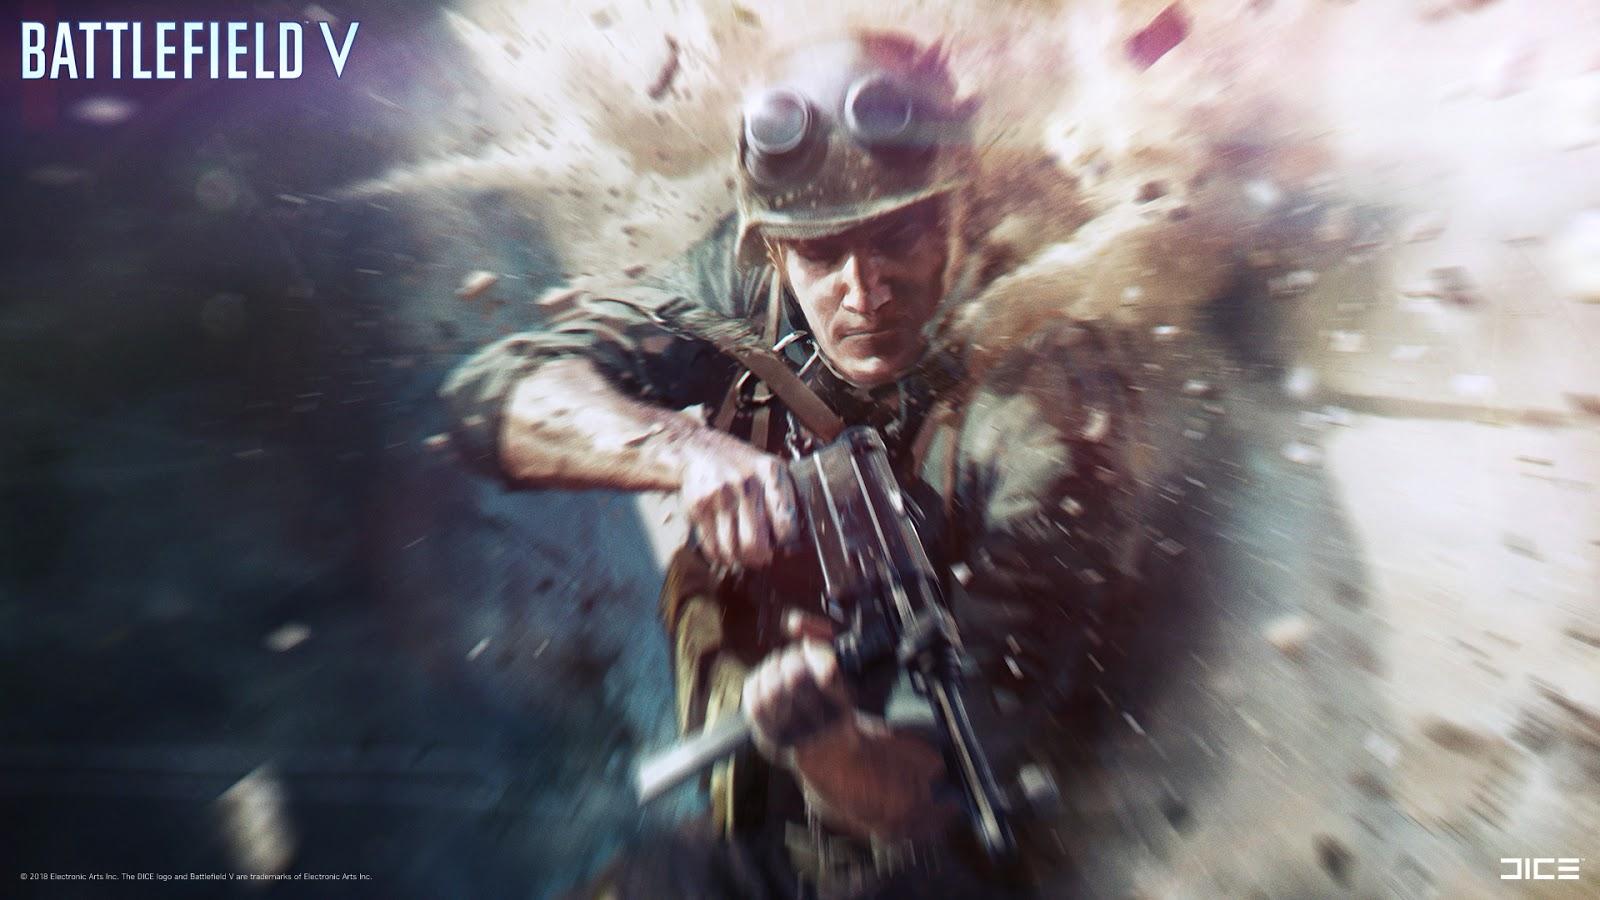 Battlefield V já vendeu 7,3 milhões de cópias, mas não era o esperado pela EA